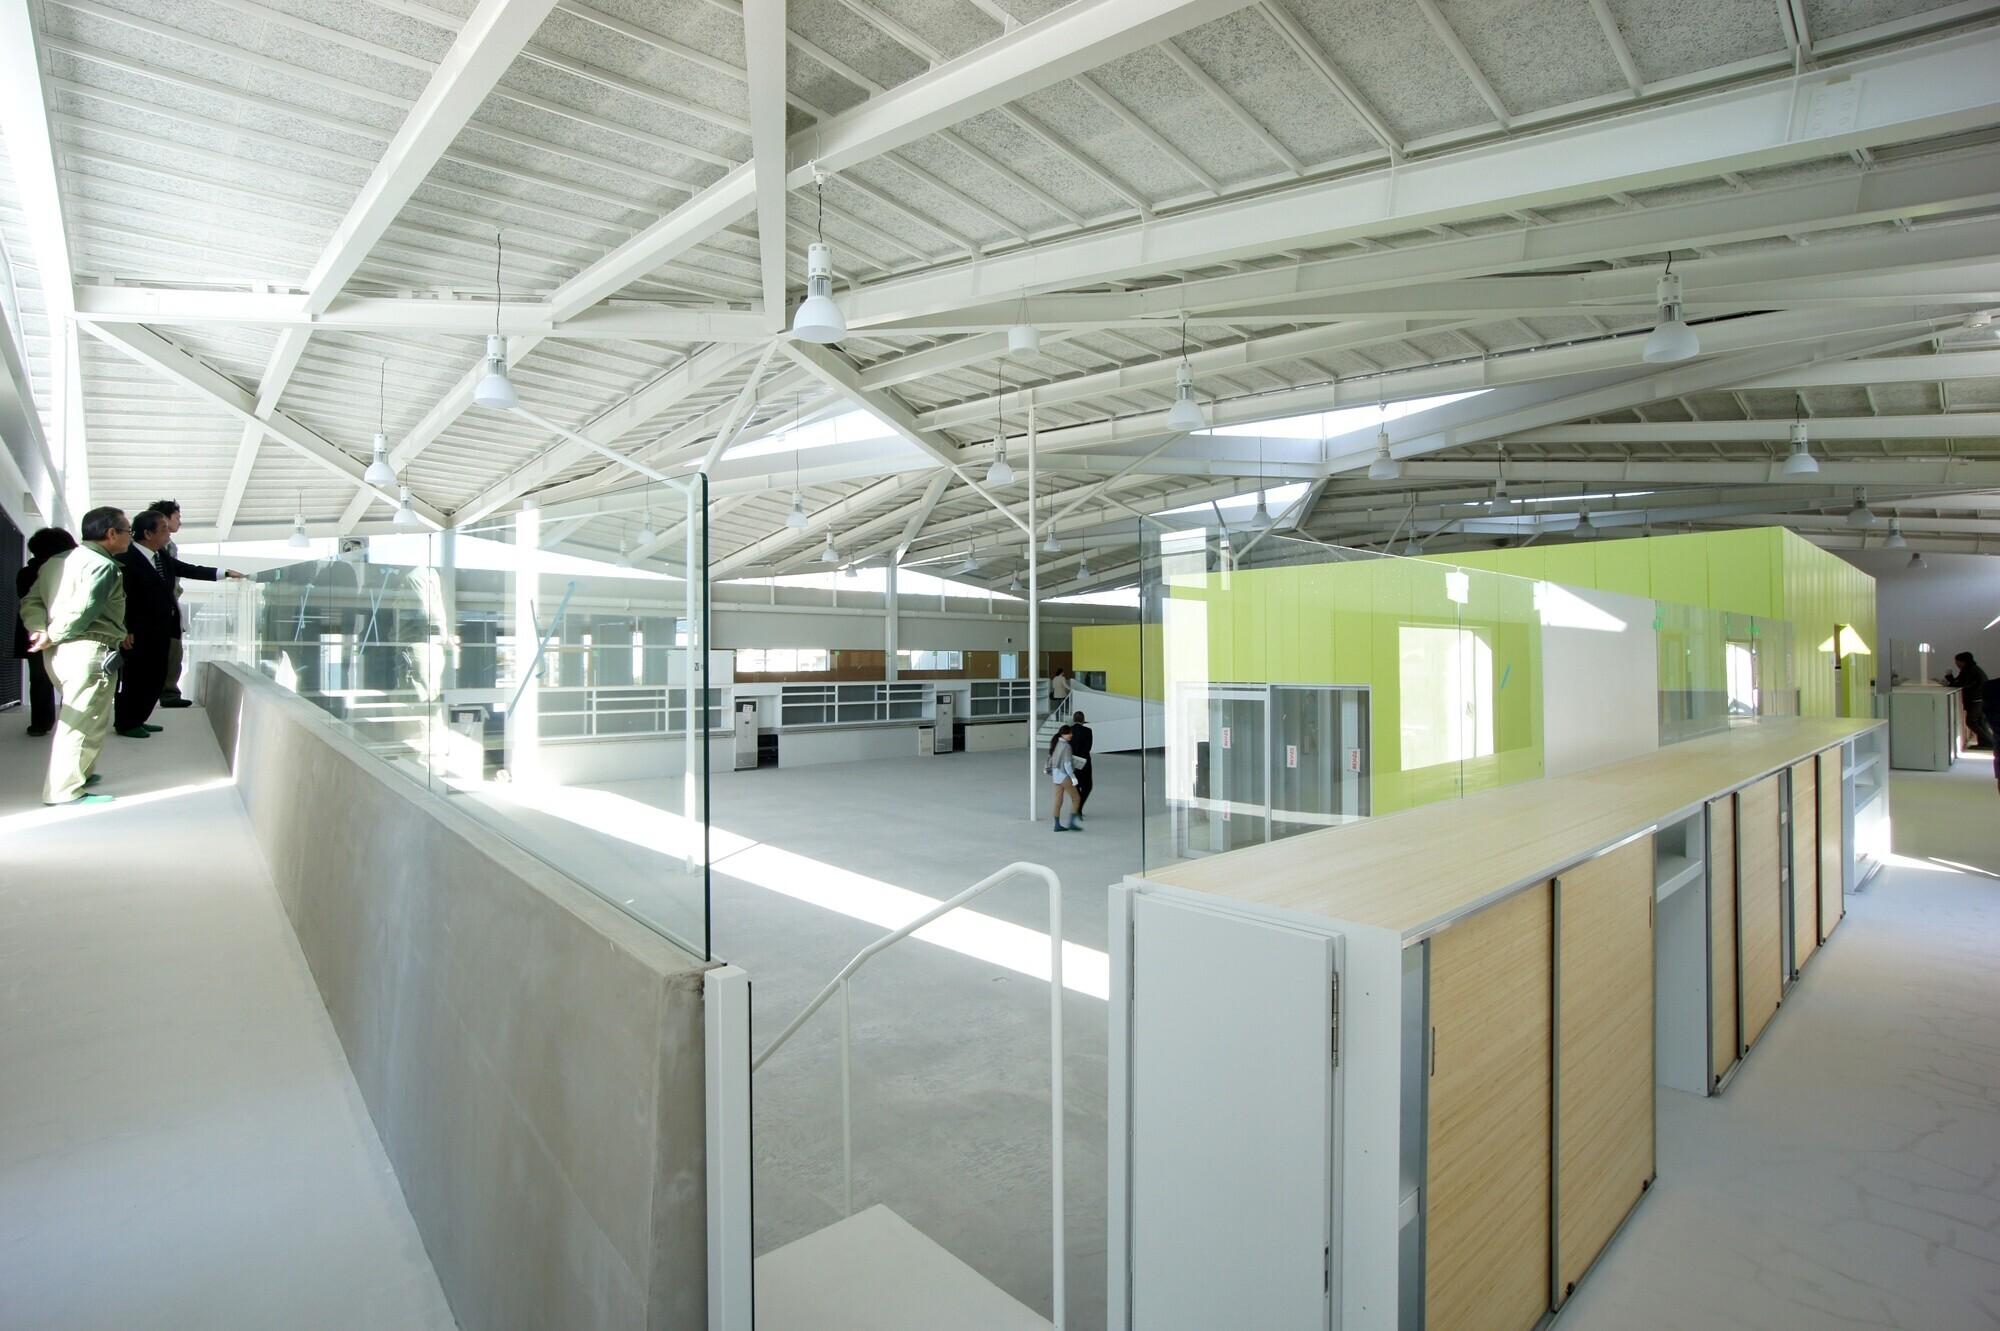 コロナ電気社屋兼工場 / 回廊がめぐる大空間の建築事例写真